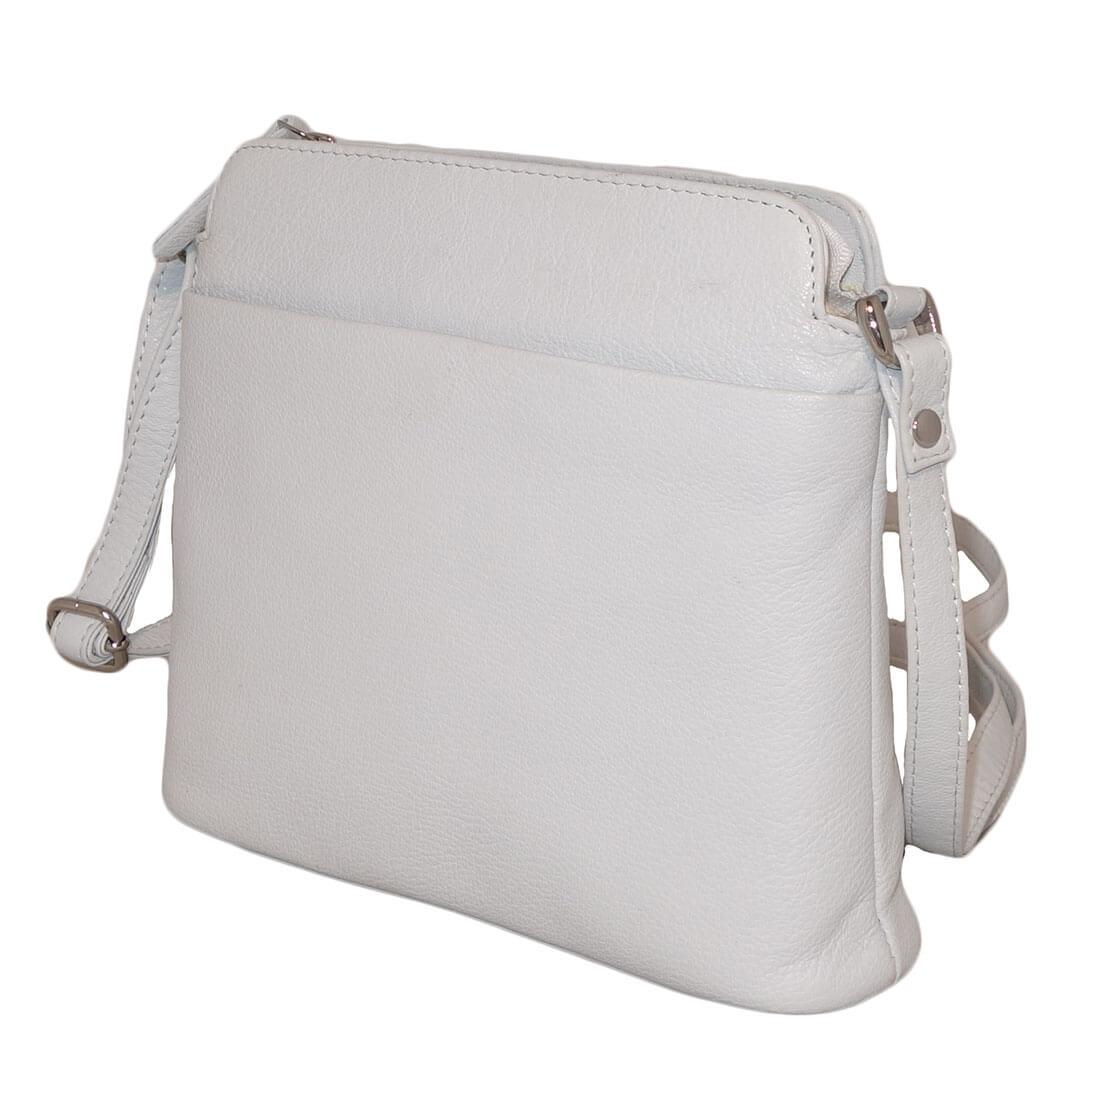 462d0c85f61 Leather Design Schoudertas Laag Wit online kopen